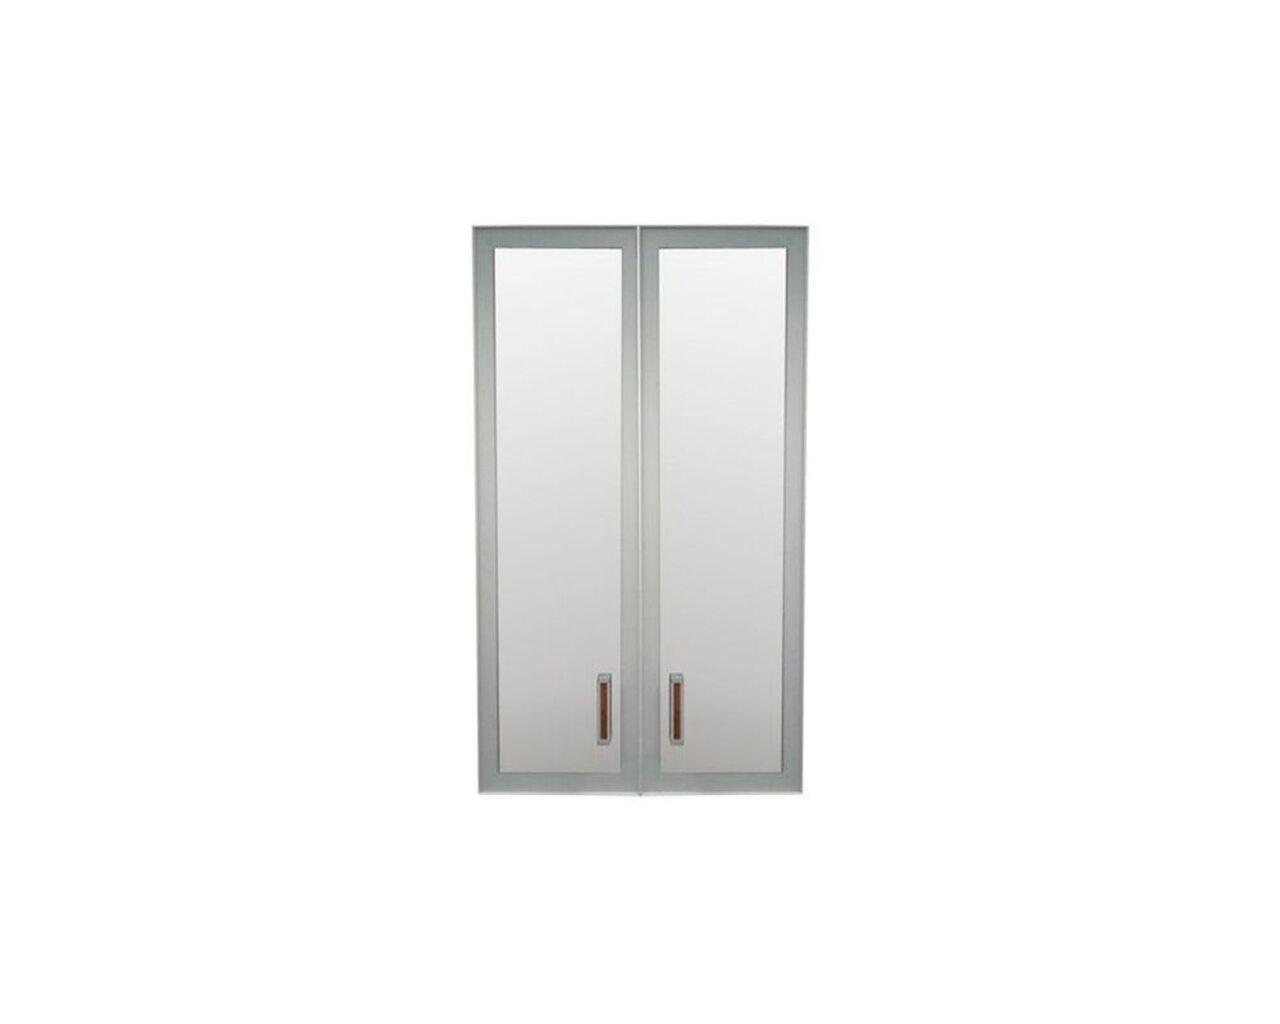 Двери стеклянные К-981 (дуб венге)  Приоритет II 72x2x117 - фото 2